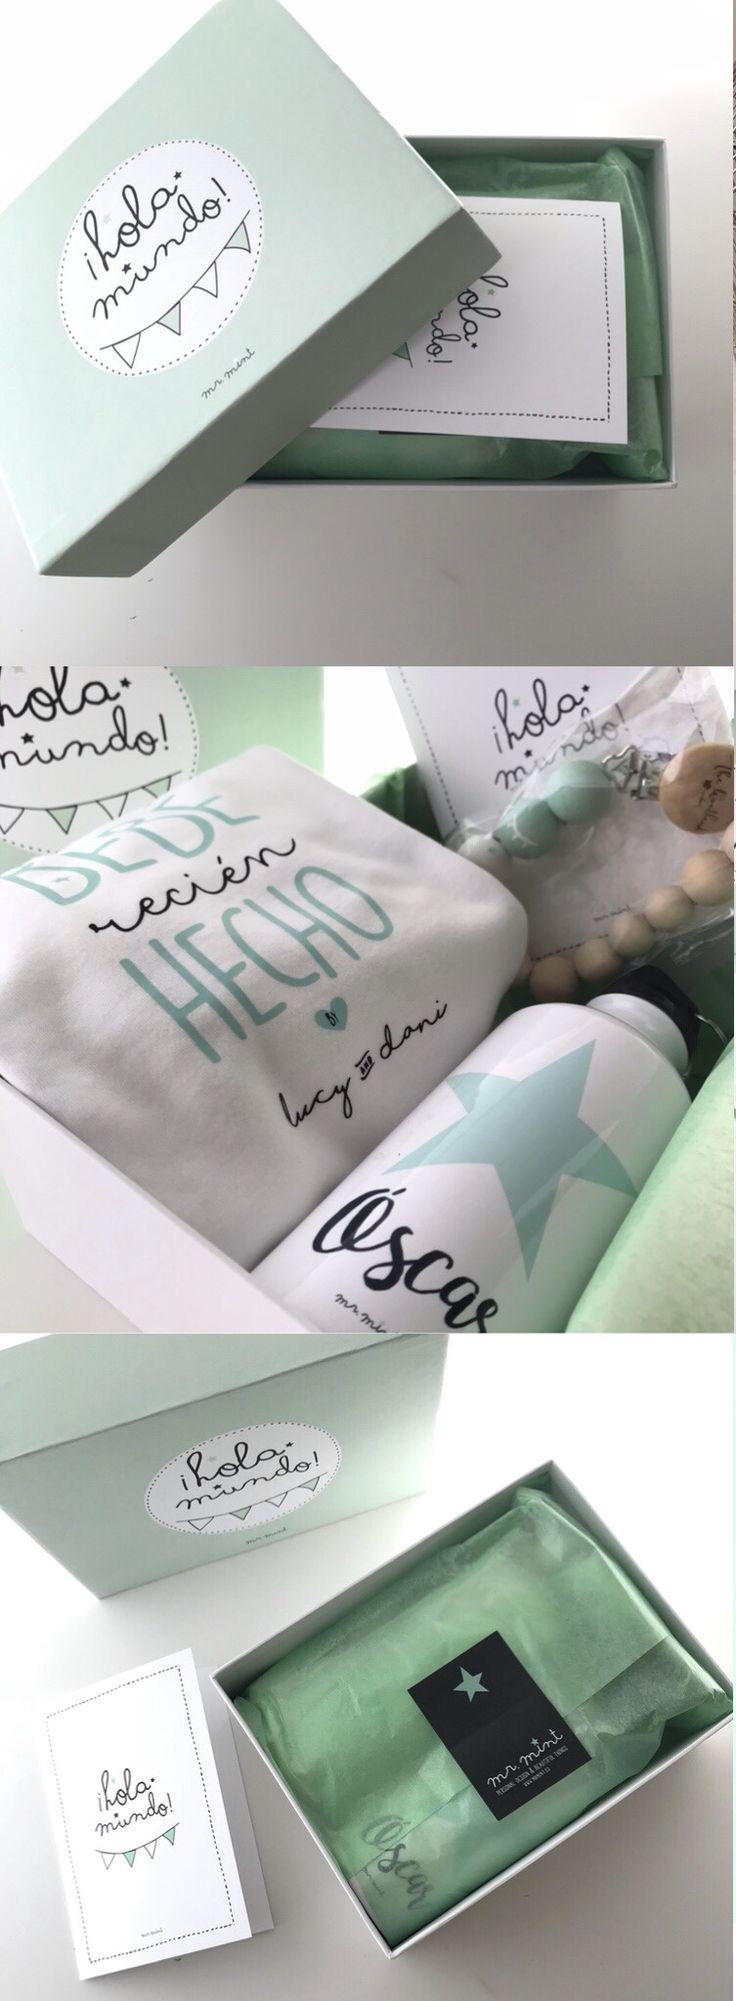 Pack Hola Mundo: body personalizado con los nombres de los papas y botella personalizada con el nombre del bebé.